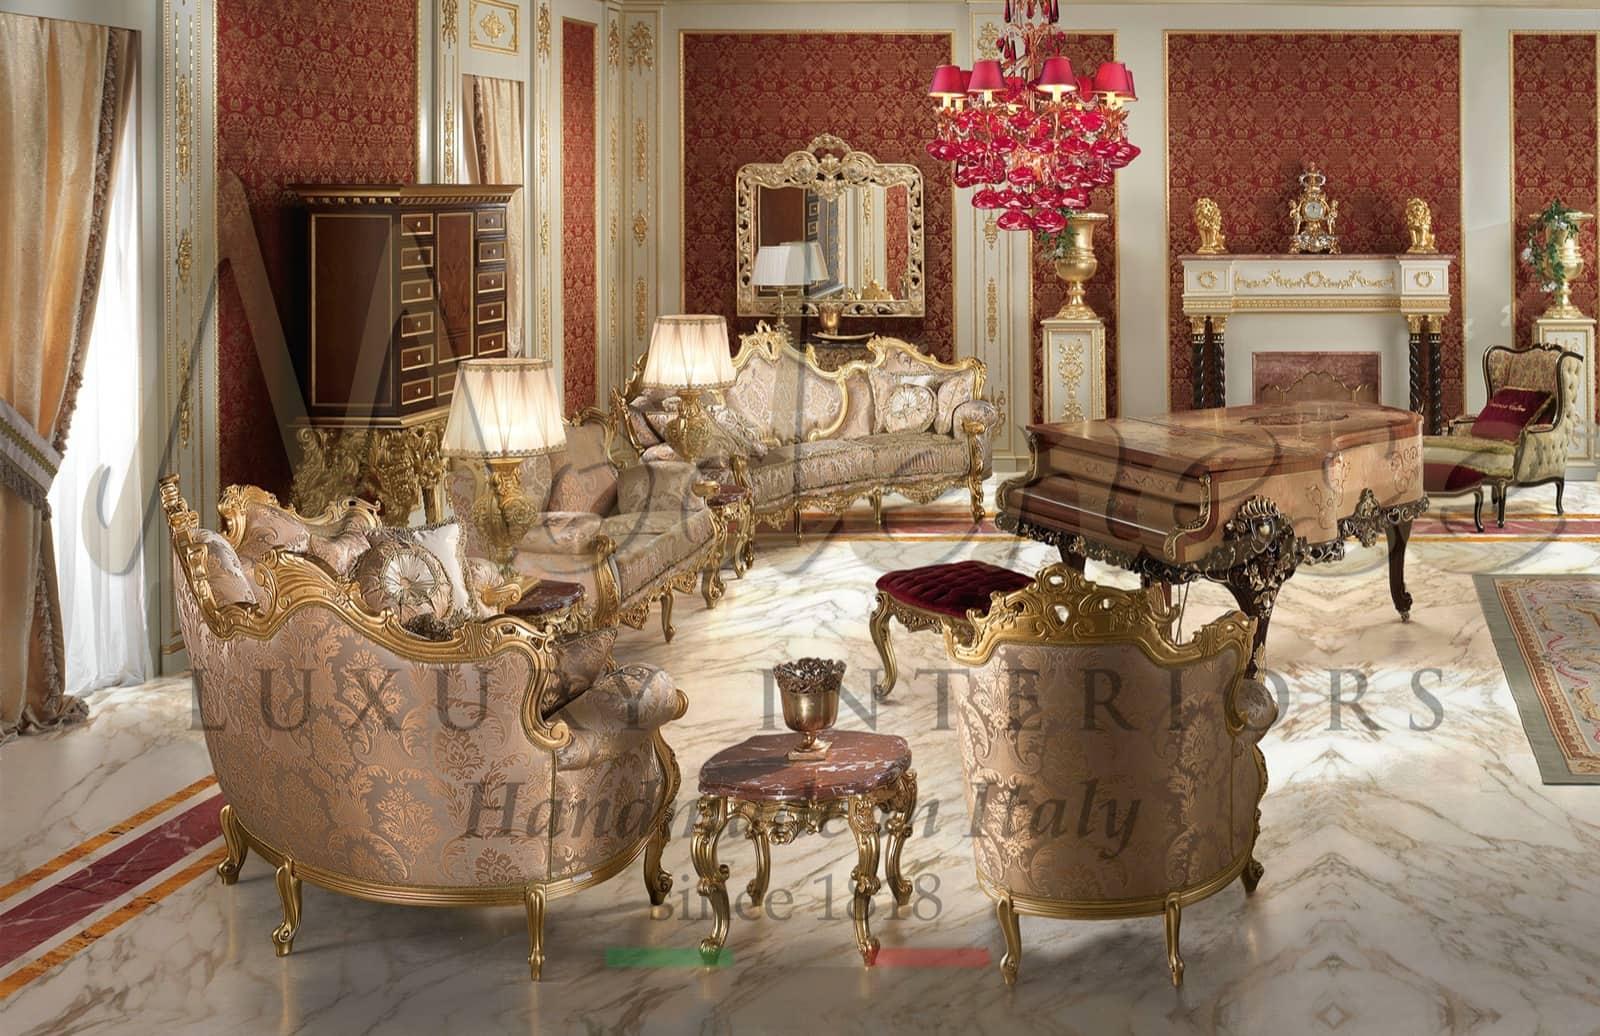 качественная итальянская роскошная мебель в стиле барокко, золотой диван для меджлиса, классические идеи ручной работы, премиум дизайн интерьера, королевский фортепьяно, камин, элегантный стиль, проекты вилл, сделано в Италии, производство фортепьяно, империанский стиль, Людовик XIV